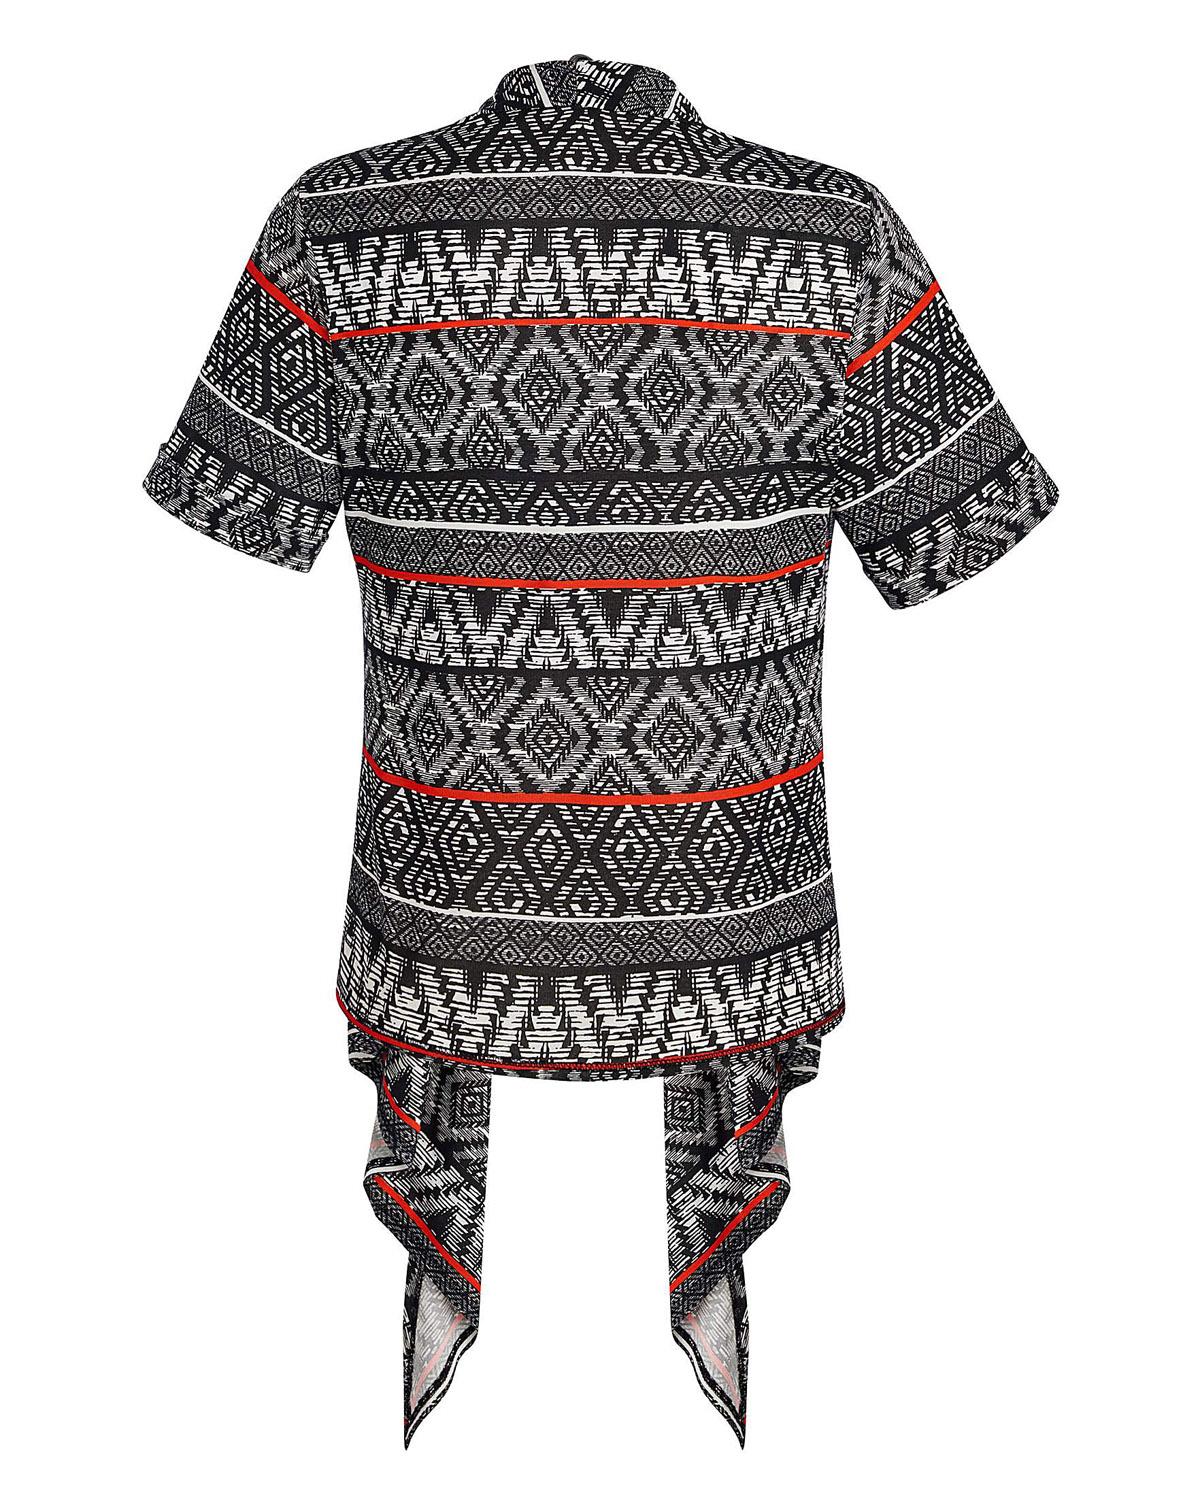 1e3a539de5ef7 Wholesale Plus Size Clothing from Marisota - - Anthology BLACK Roll-Up  Sleeve Shrug - Plus Size 10 to 30